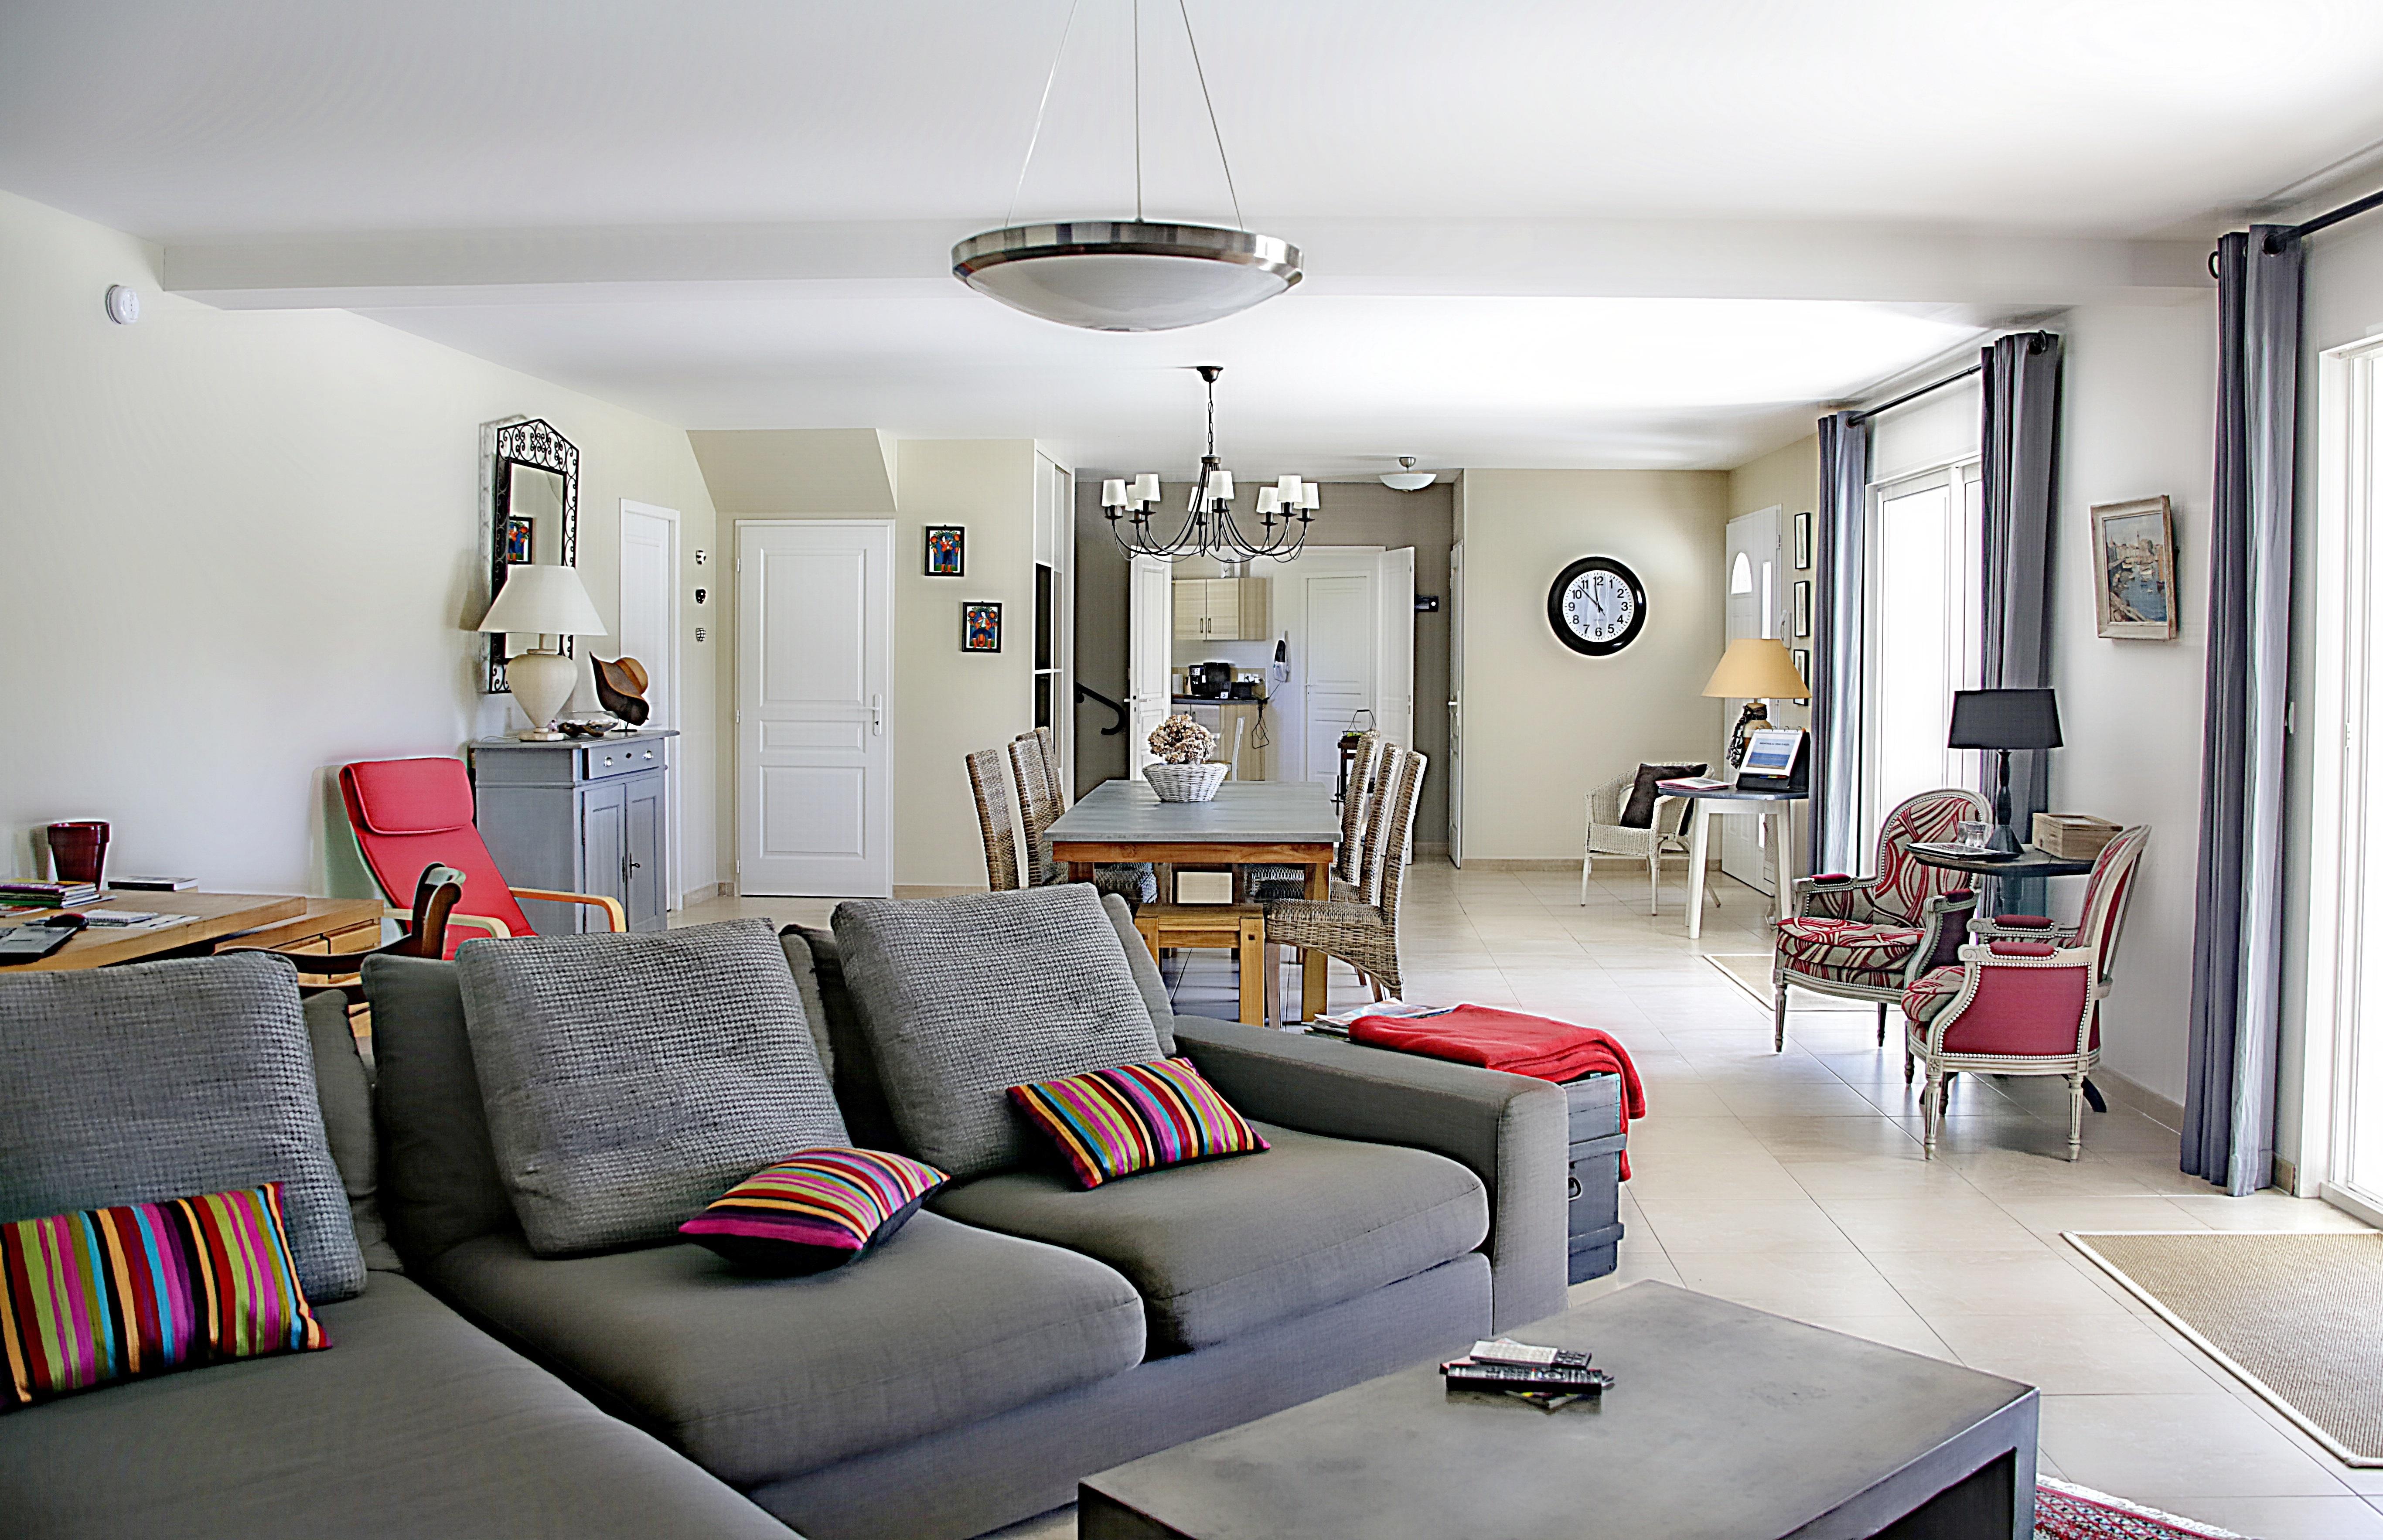 Gratis billeder : tabel, etage, hjem, sommerhus, ejendom, stue ...